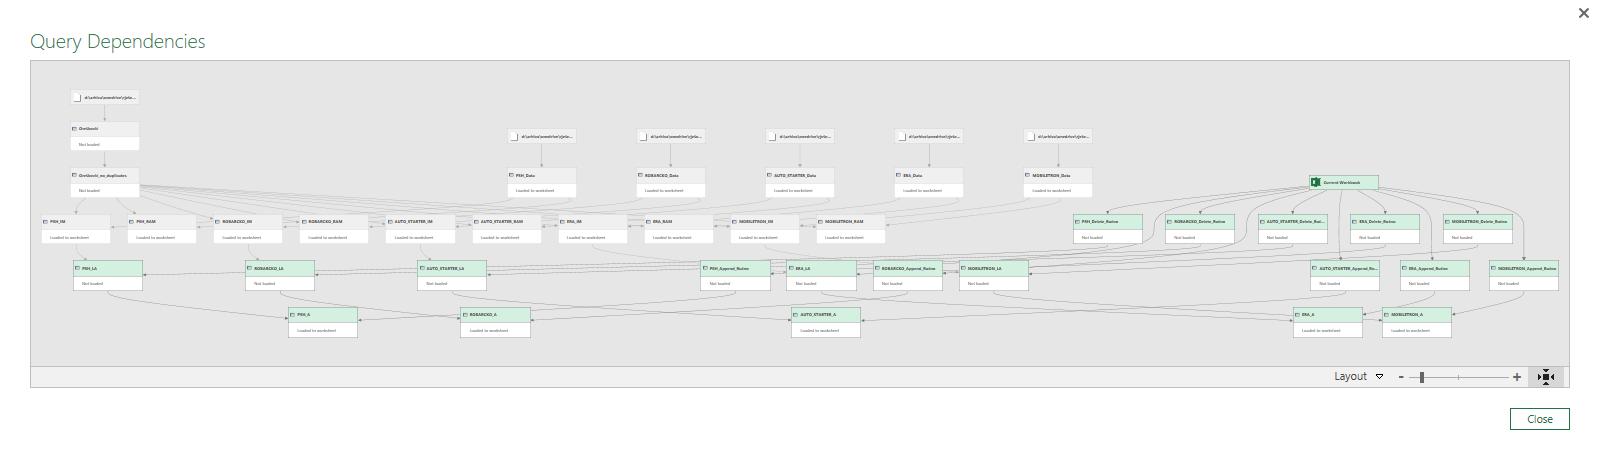 Power Query - ovisnost pojedinih upita - složena struktura